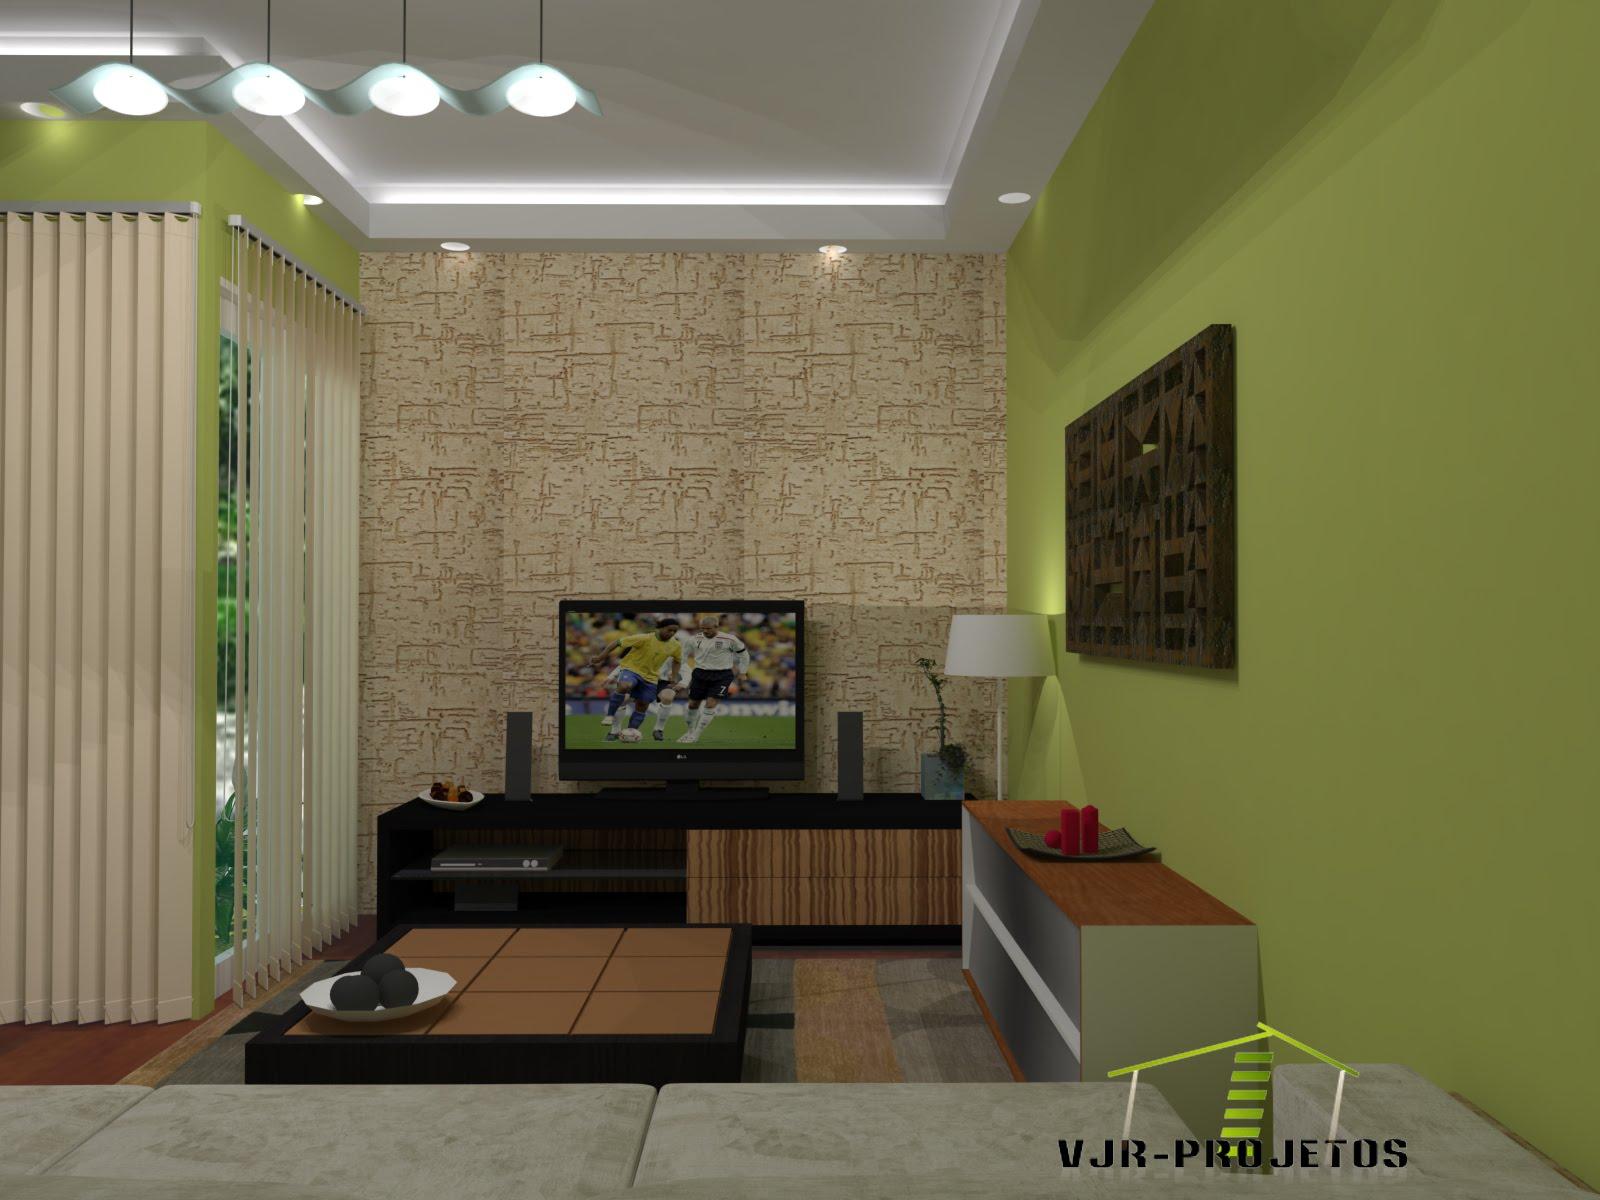 Interiores Decoracao Cozinha Banheiro Apartamento Picture On Pinterest #92AB20 1600x1200 Banheiro Apartamento Decoração